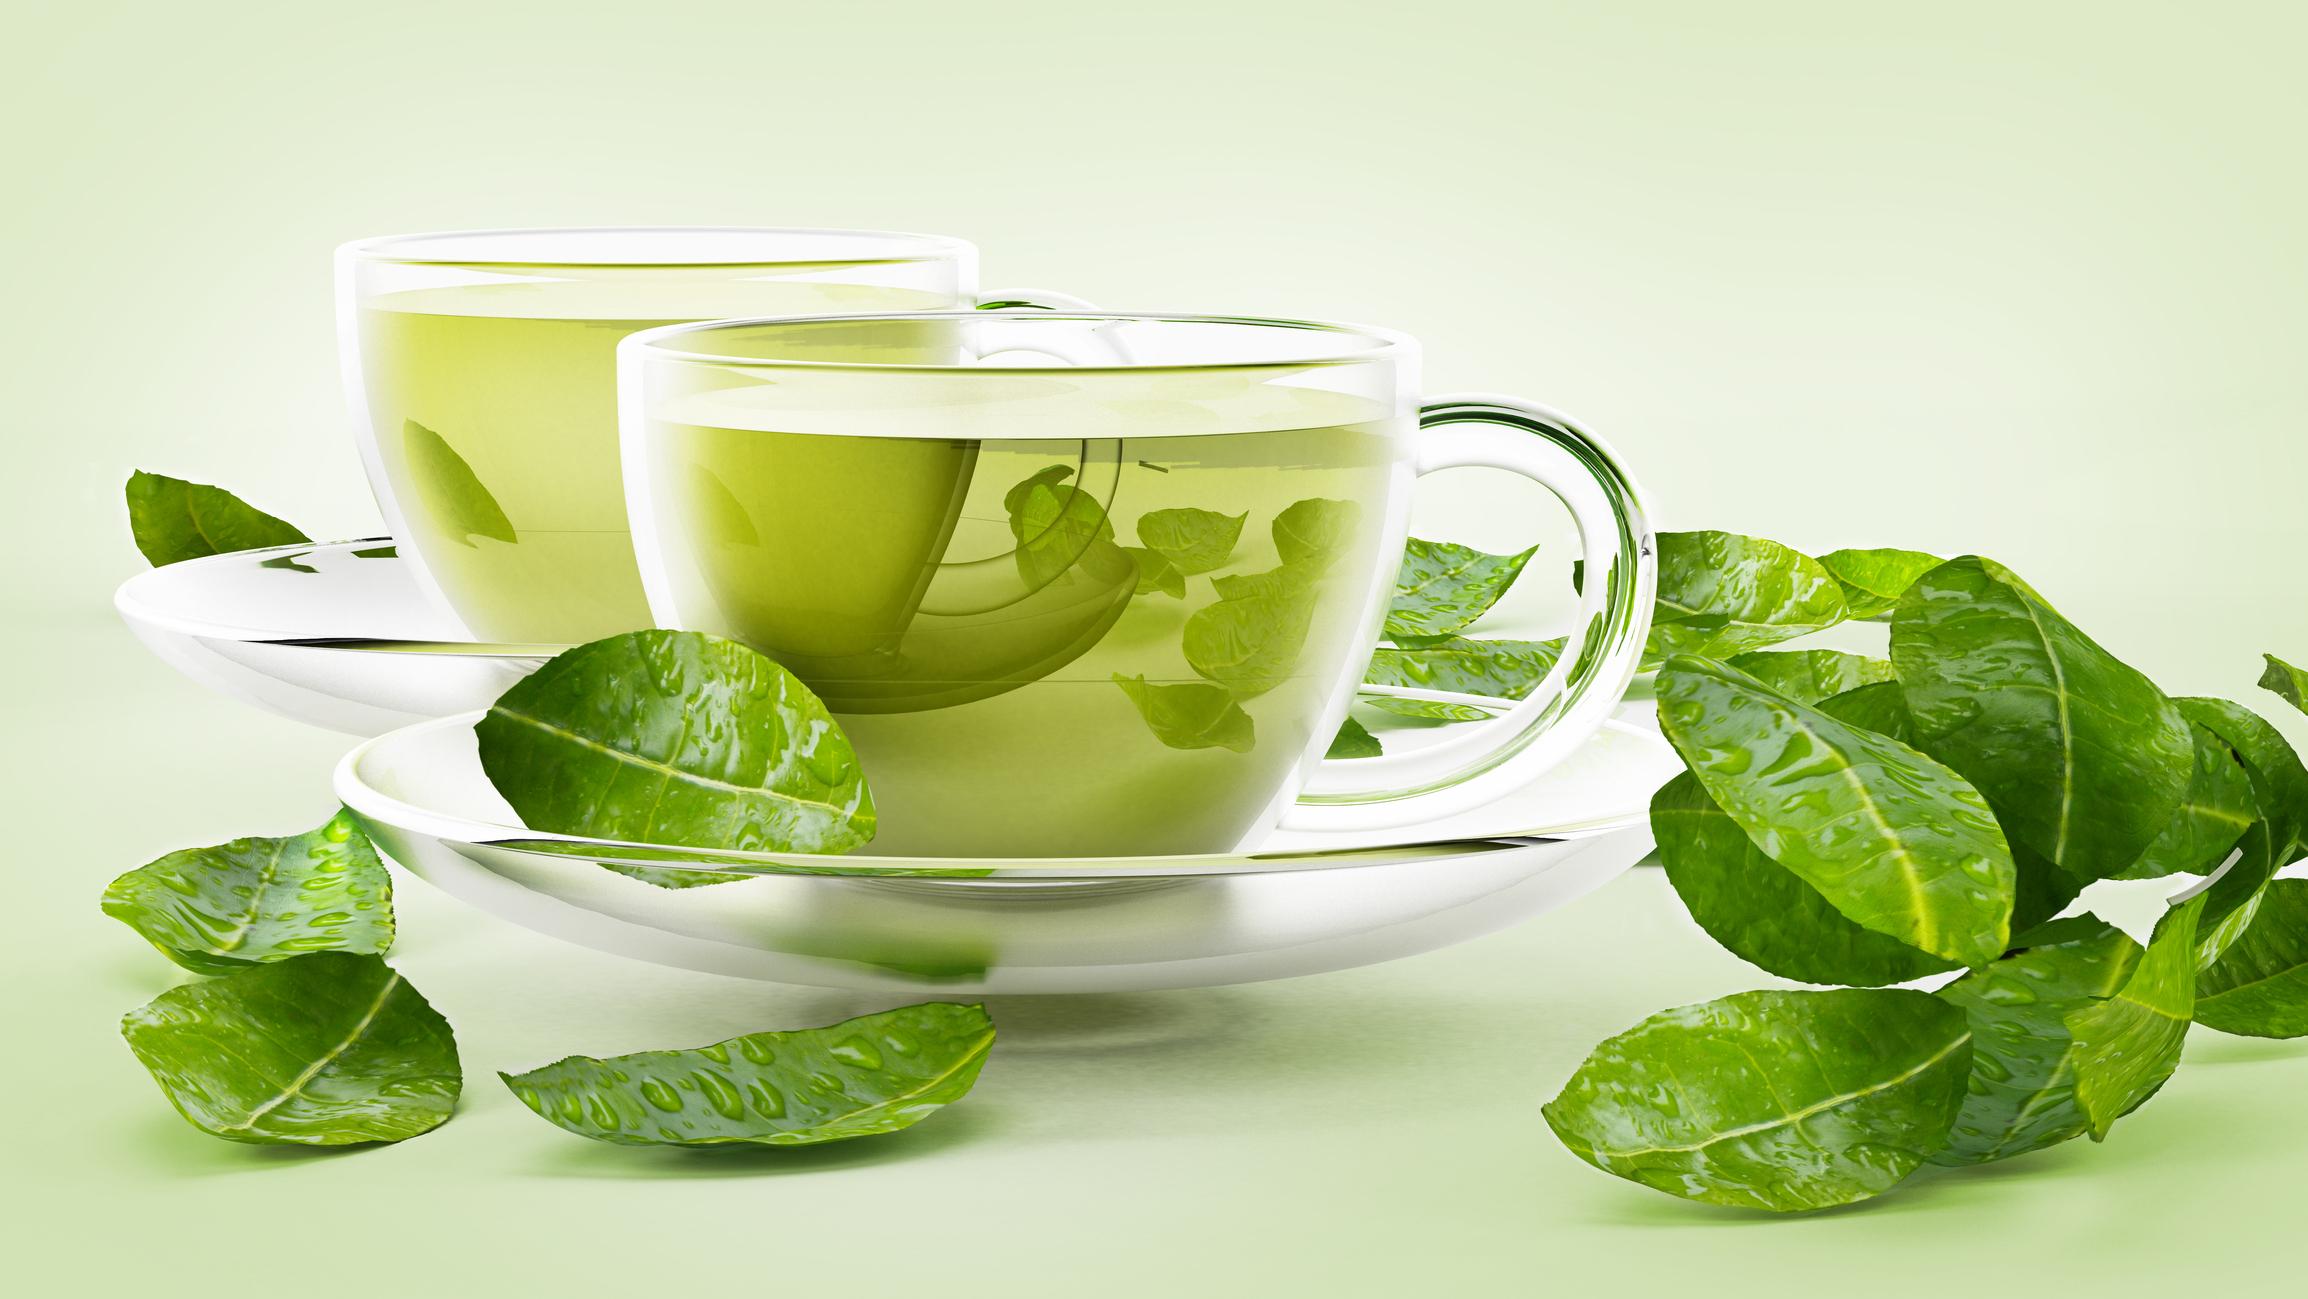 ceai-verde-afecteaza-dintii